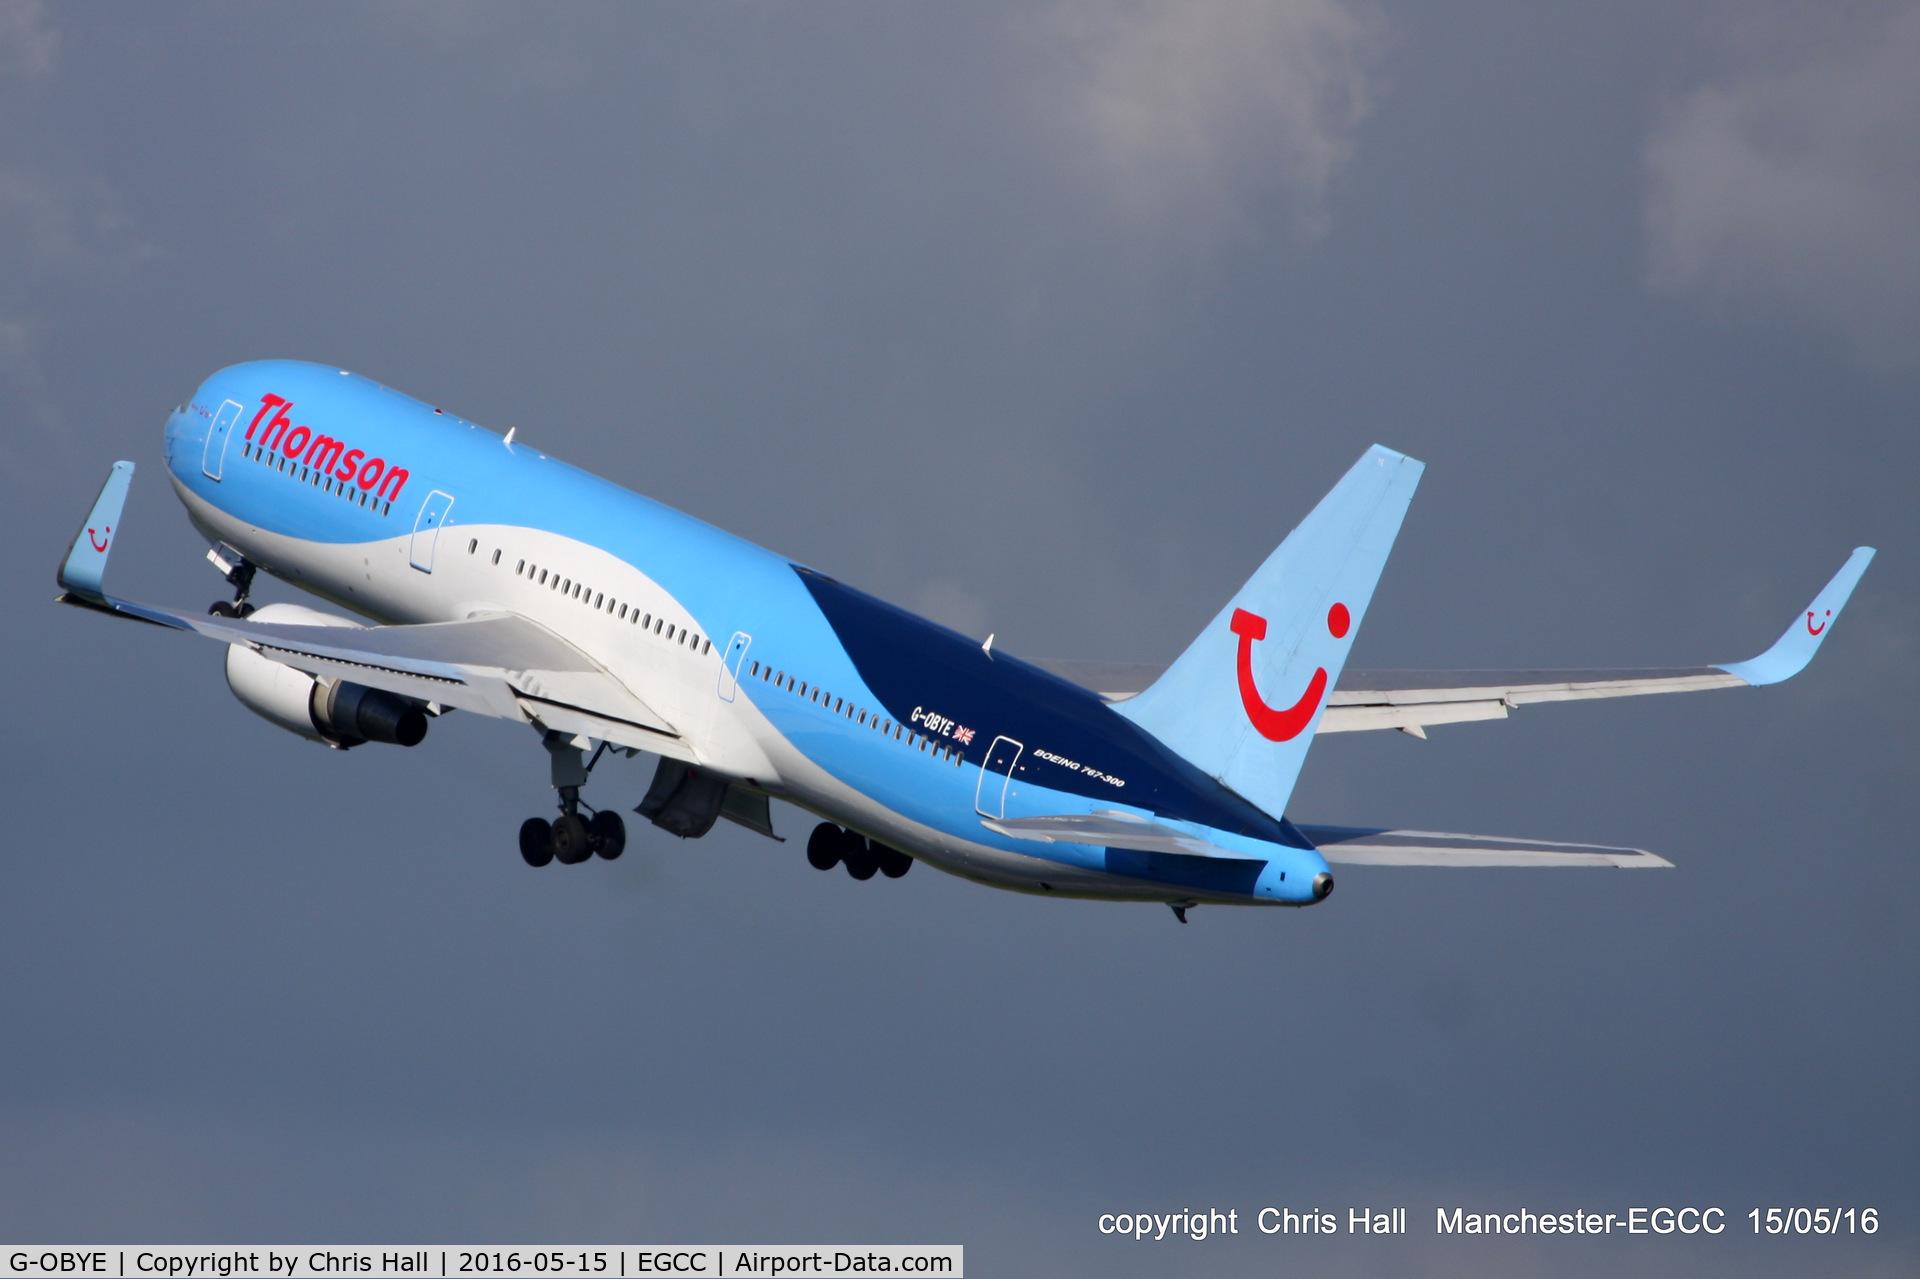 G-OBYE, 1998 Boeing 767-304/ER C/N 28979, Thomson